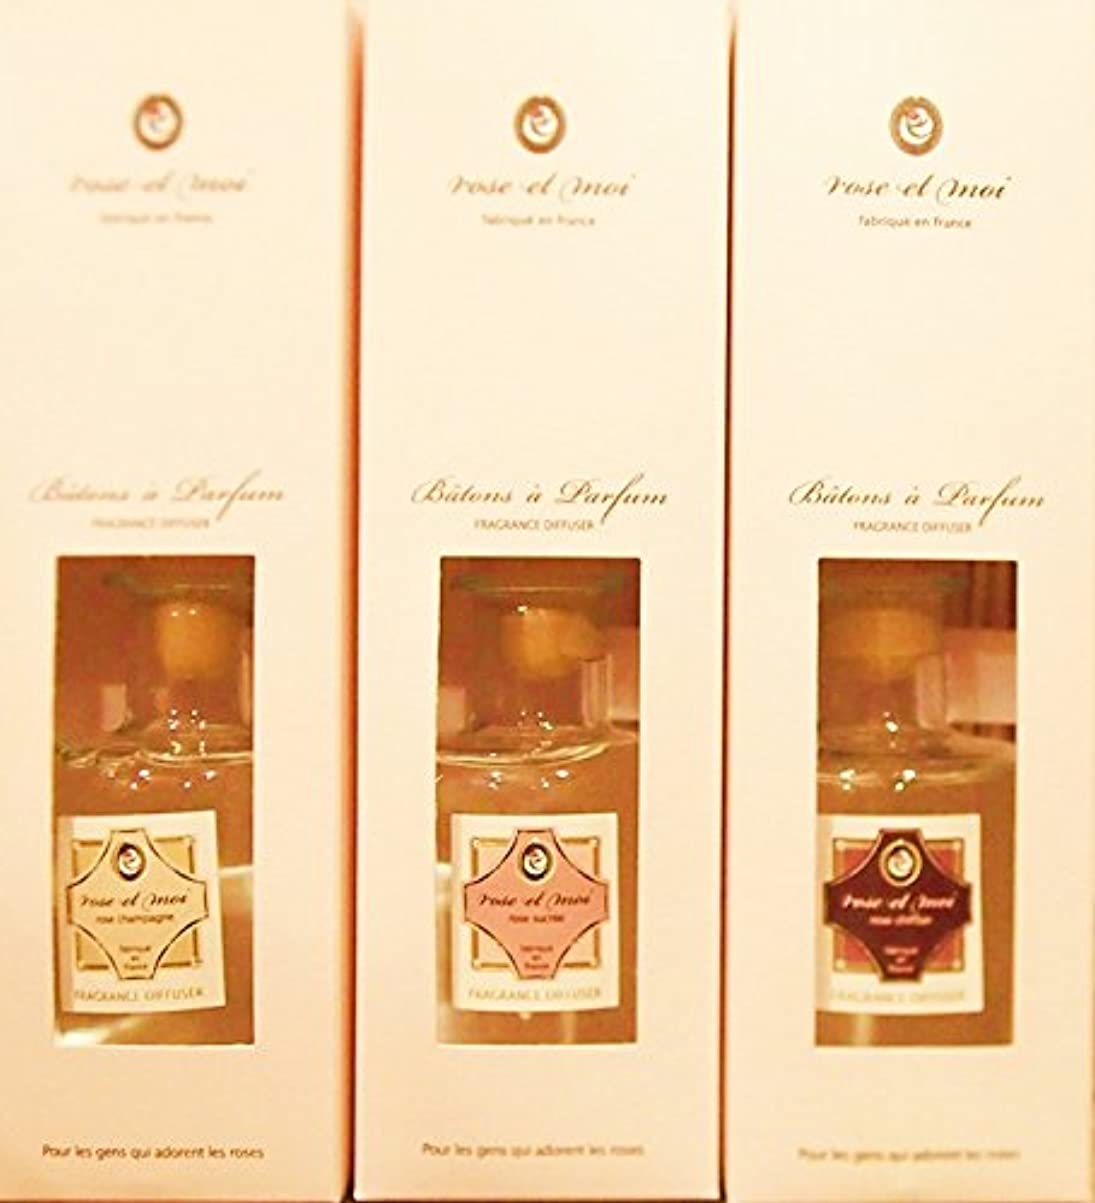 クアッガメールを書くエーカー【ローズシフォン】Lothantique(ロタンティック)  rose et moi(ローズ エ モア)  フレグランスディフューザー 200ml (rose chiffon(ローズ シフォン))4994228026989